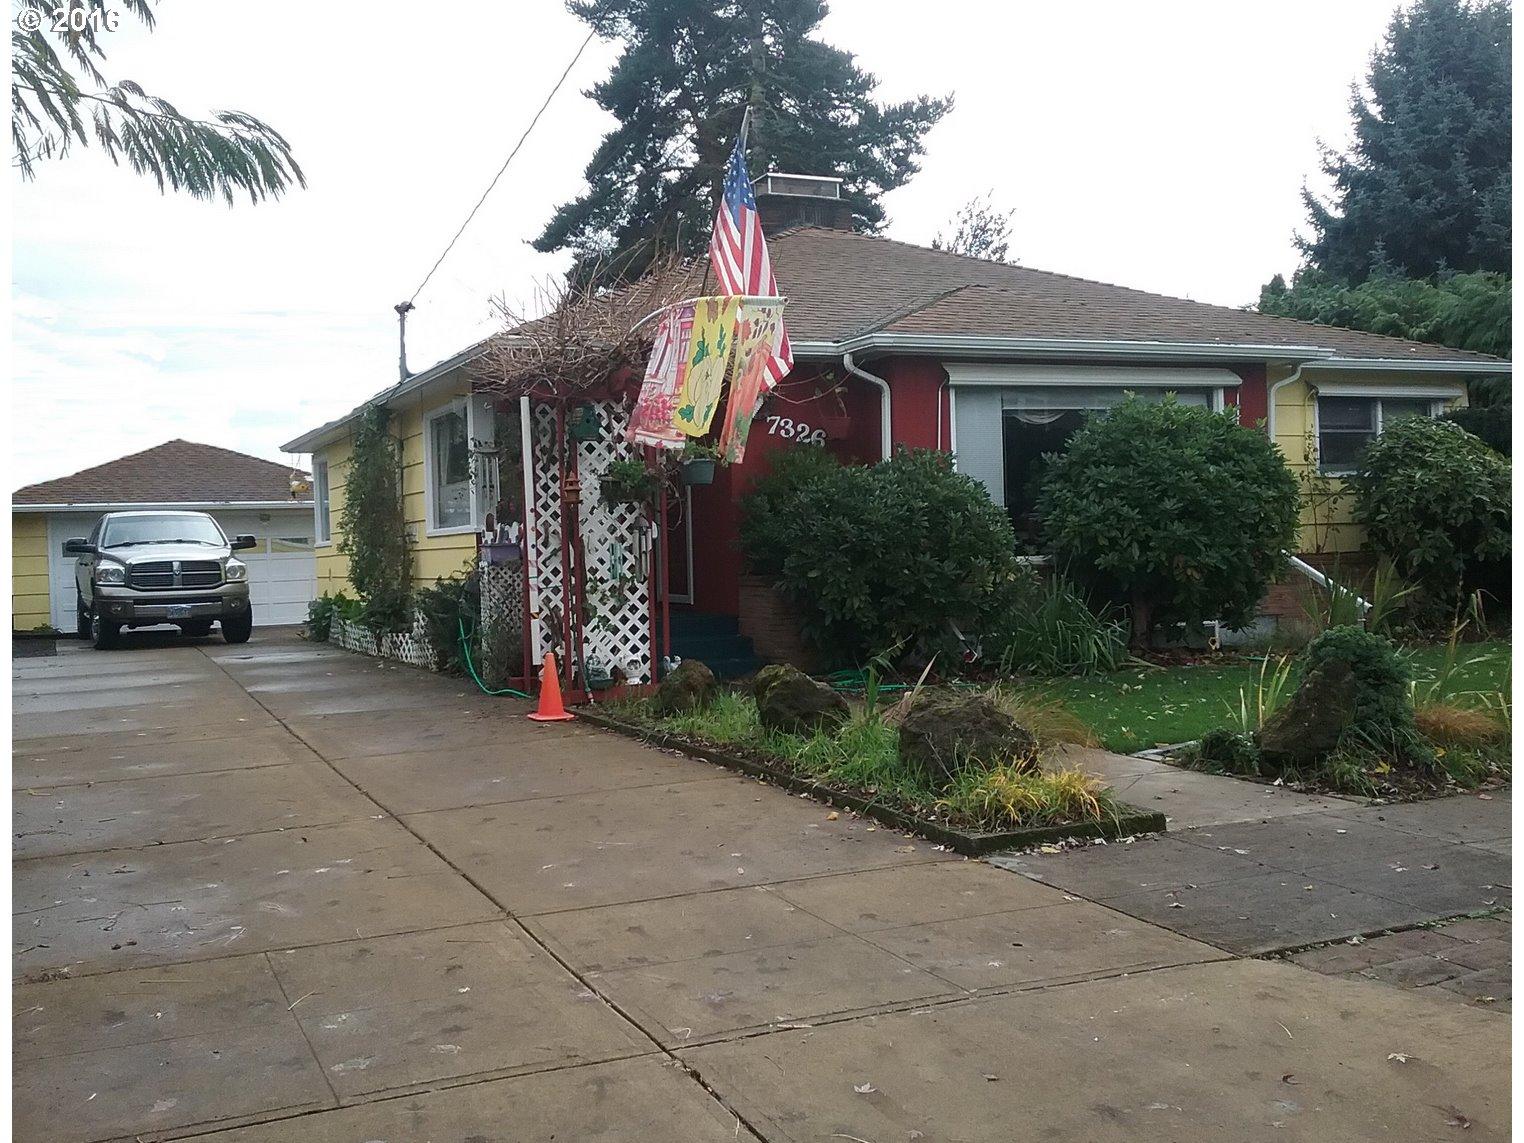 7326 N NEWELL AVE, Portland OR 97203